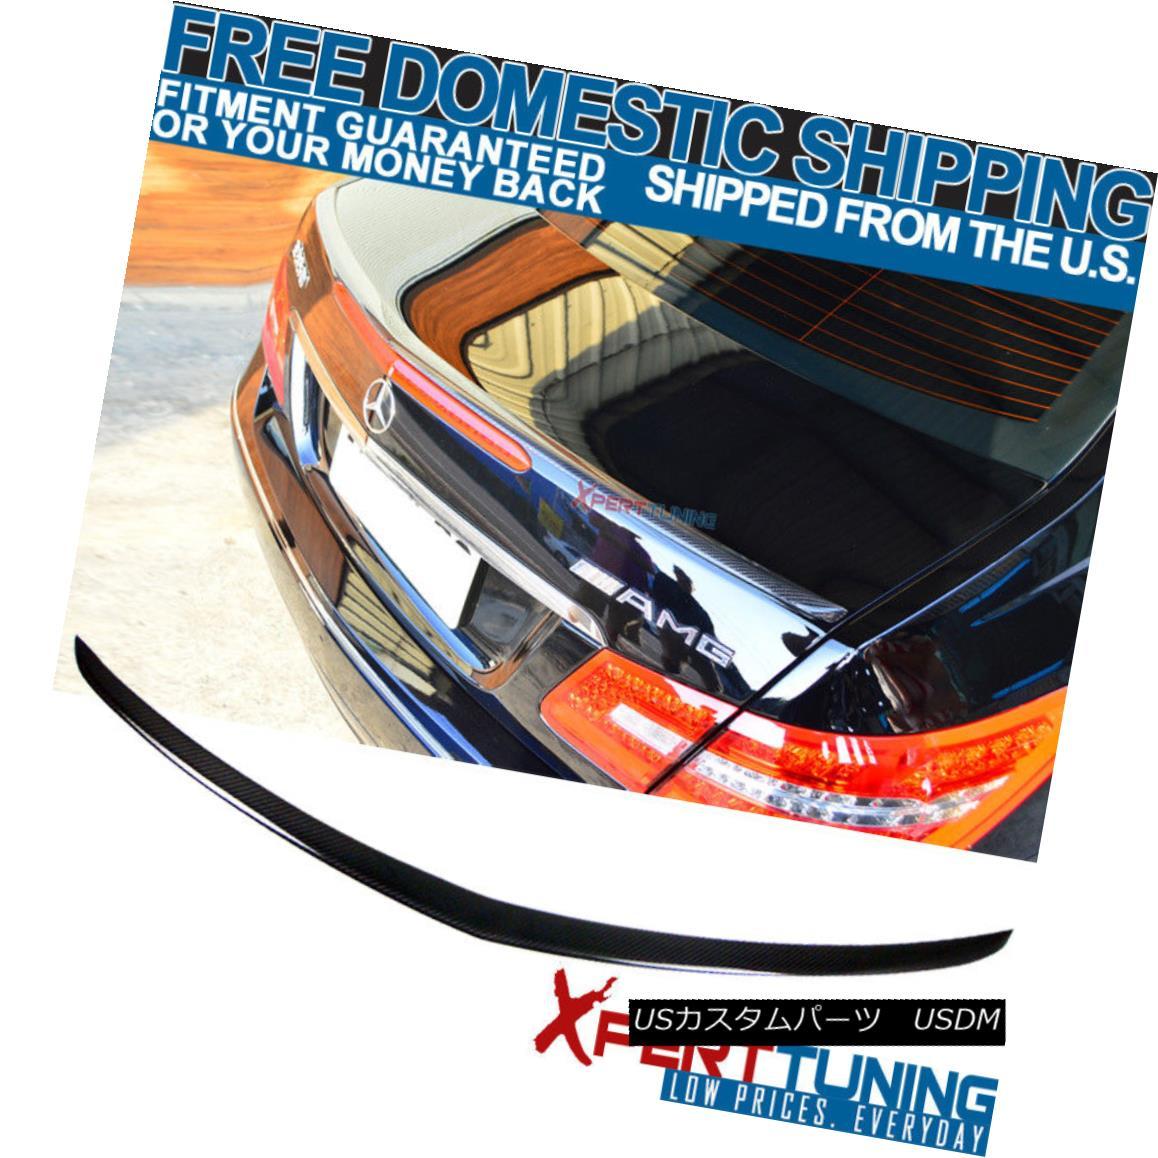 エアロパーツ 10-17 W207 C207 E-Class 2Dr Coupe AMG Style Trunk Spoiler - CF Carbon Fiber 10-17 W207 C207 Eクラス2DrクーペAMGスタイルトランク・スポイラー - CF炭素繊維